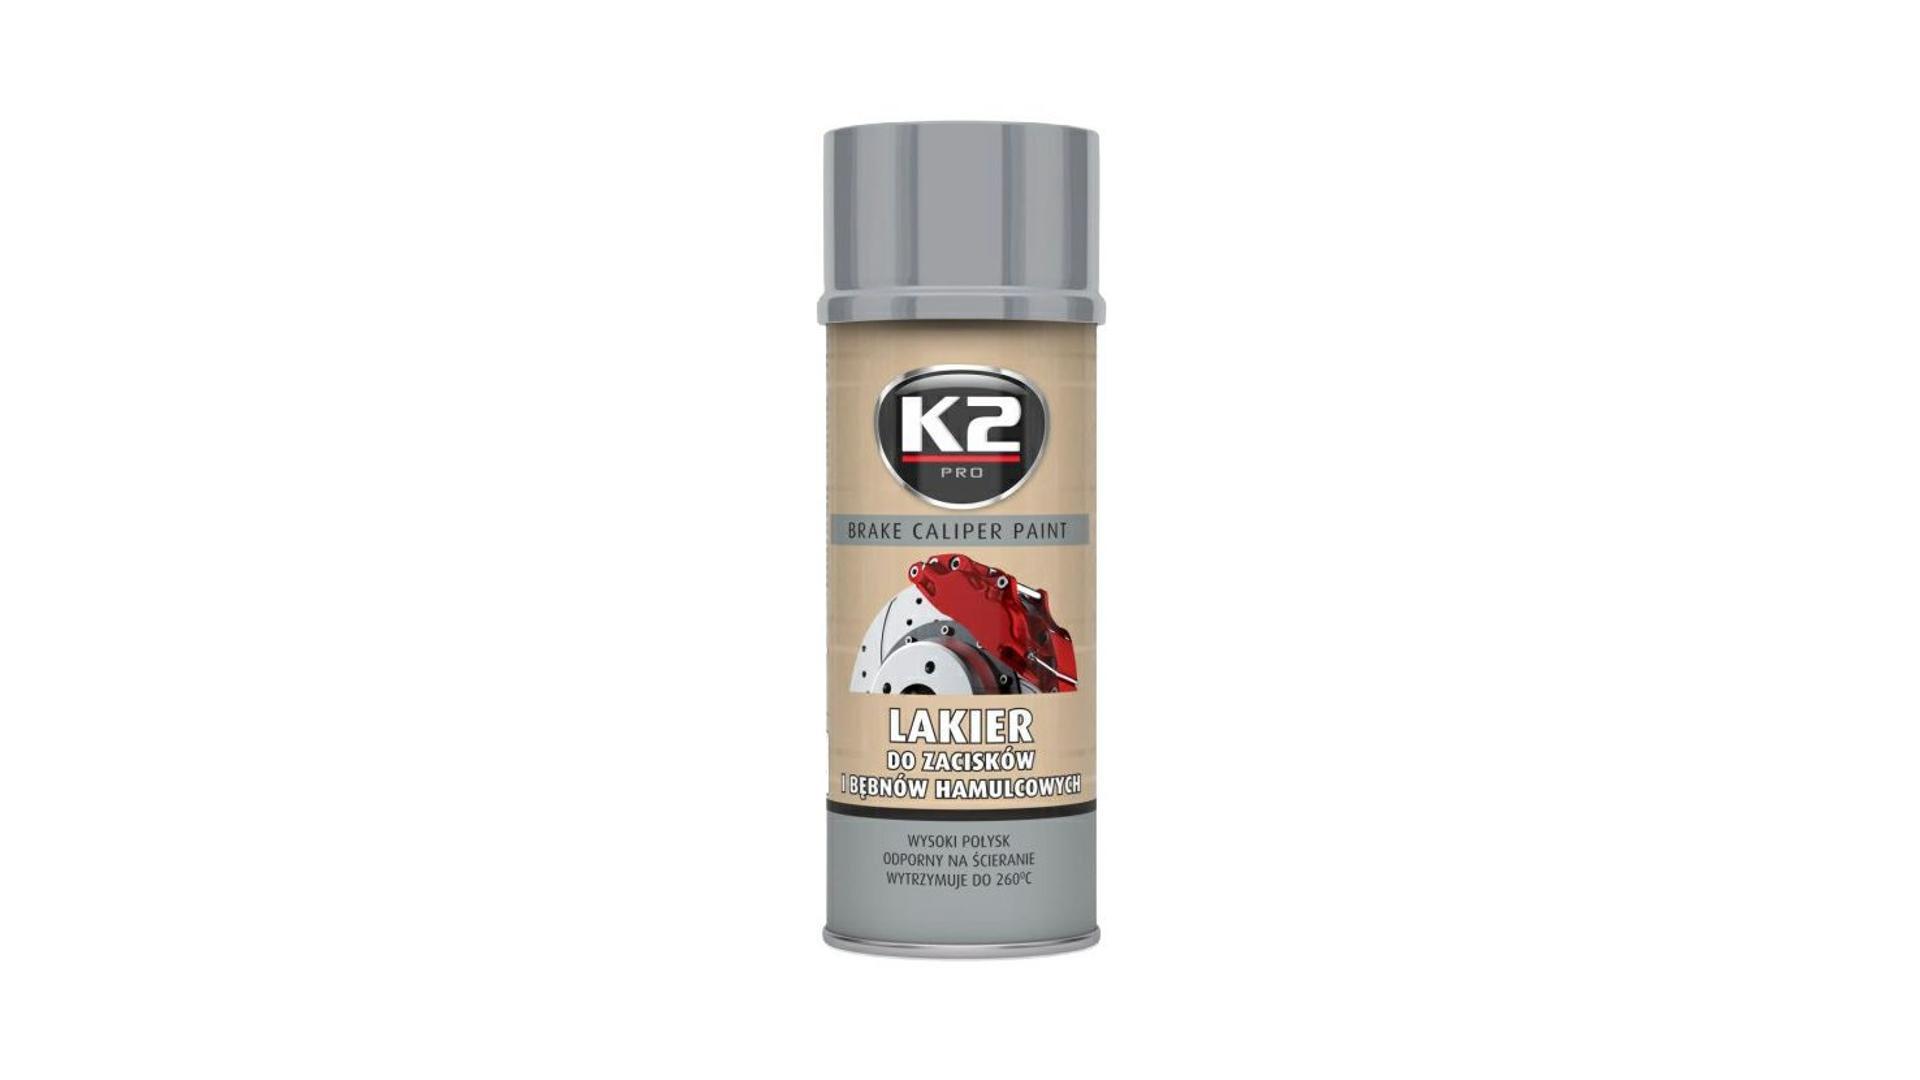 K2 BRAKE CALIPER PAINT 400ml STŘÍBRNÁ - barva na brzdové třmeny a bubny